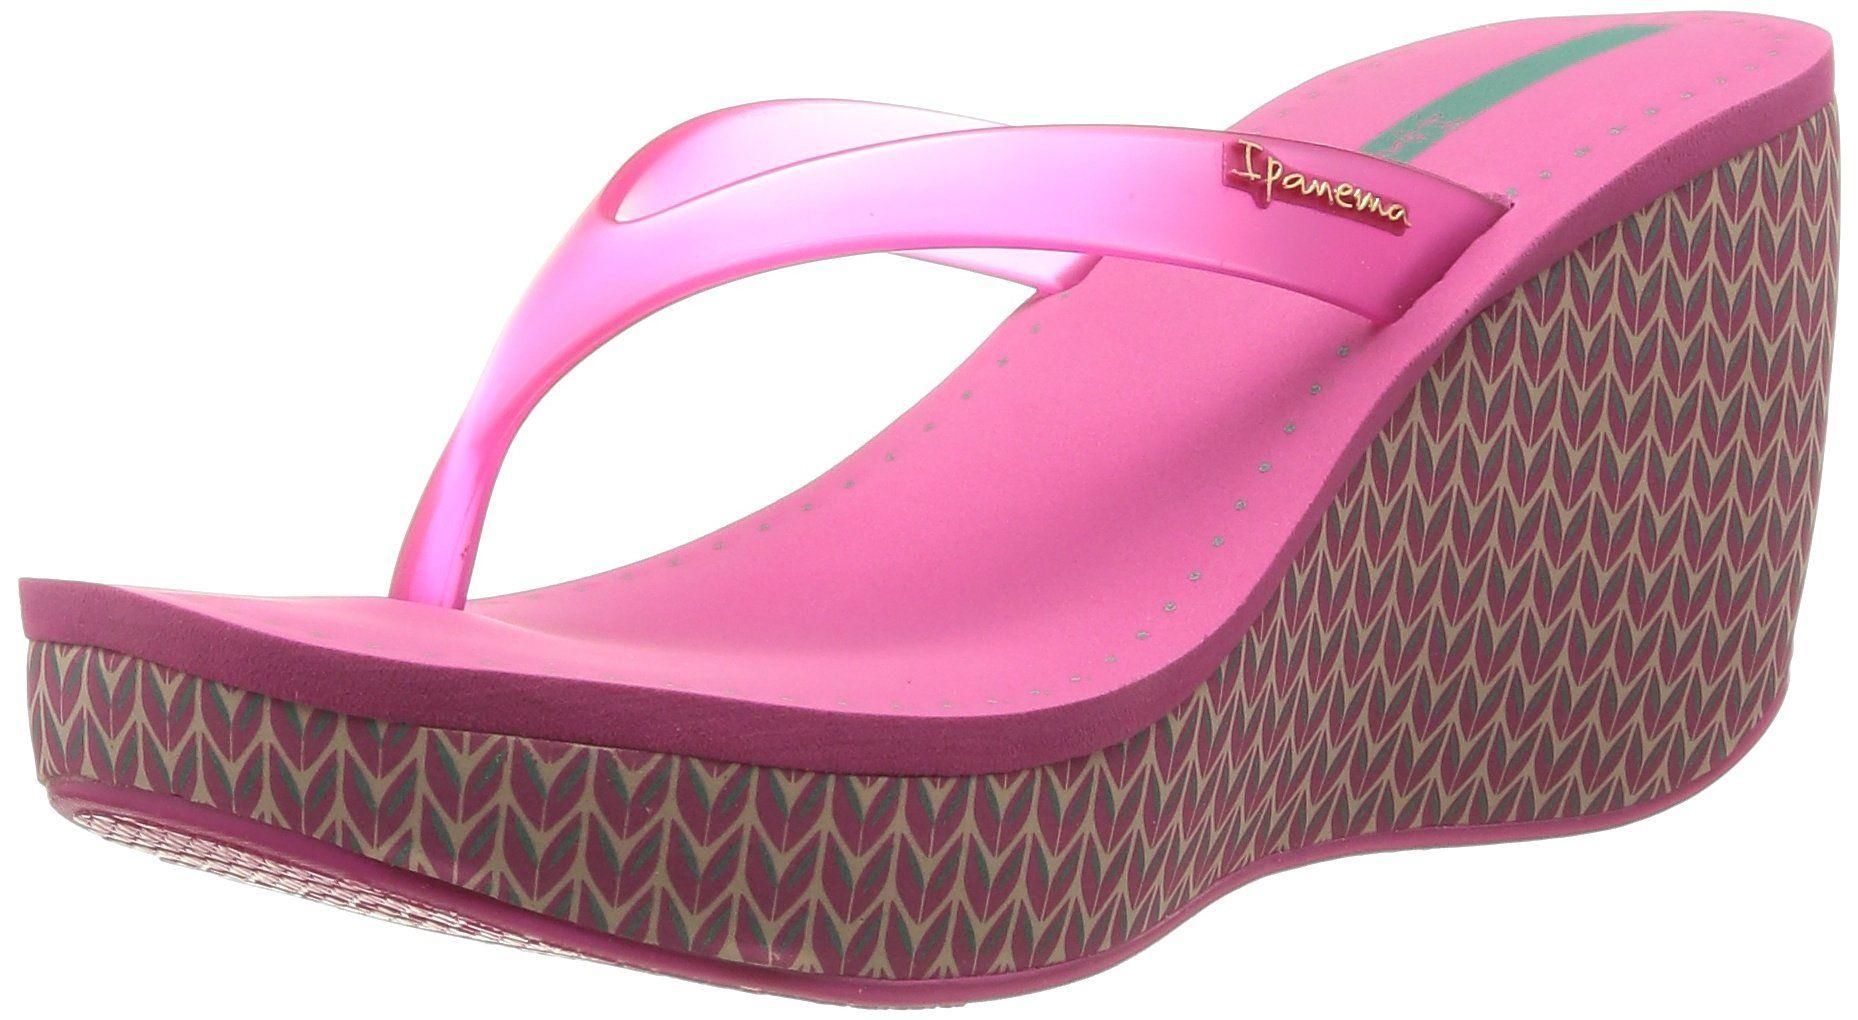 Chaussures Ipanema violettes femme dernier Forfait De Compte À Rebours De Réduction Classique Jeu Emplacements De Magasin De Sortie Amazon Pas Cher En Ligne UHPPSiI